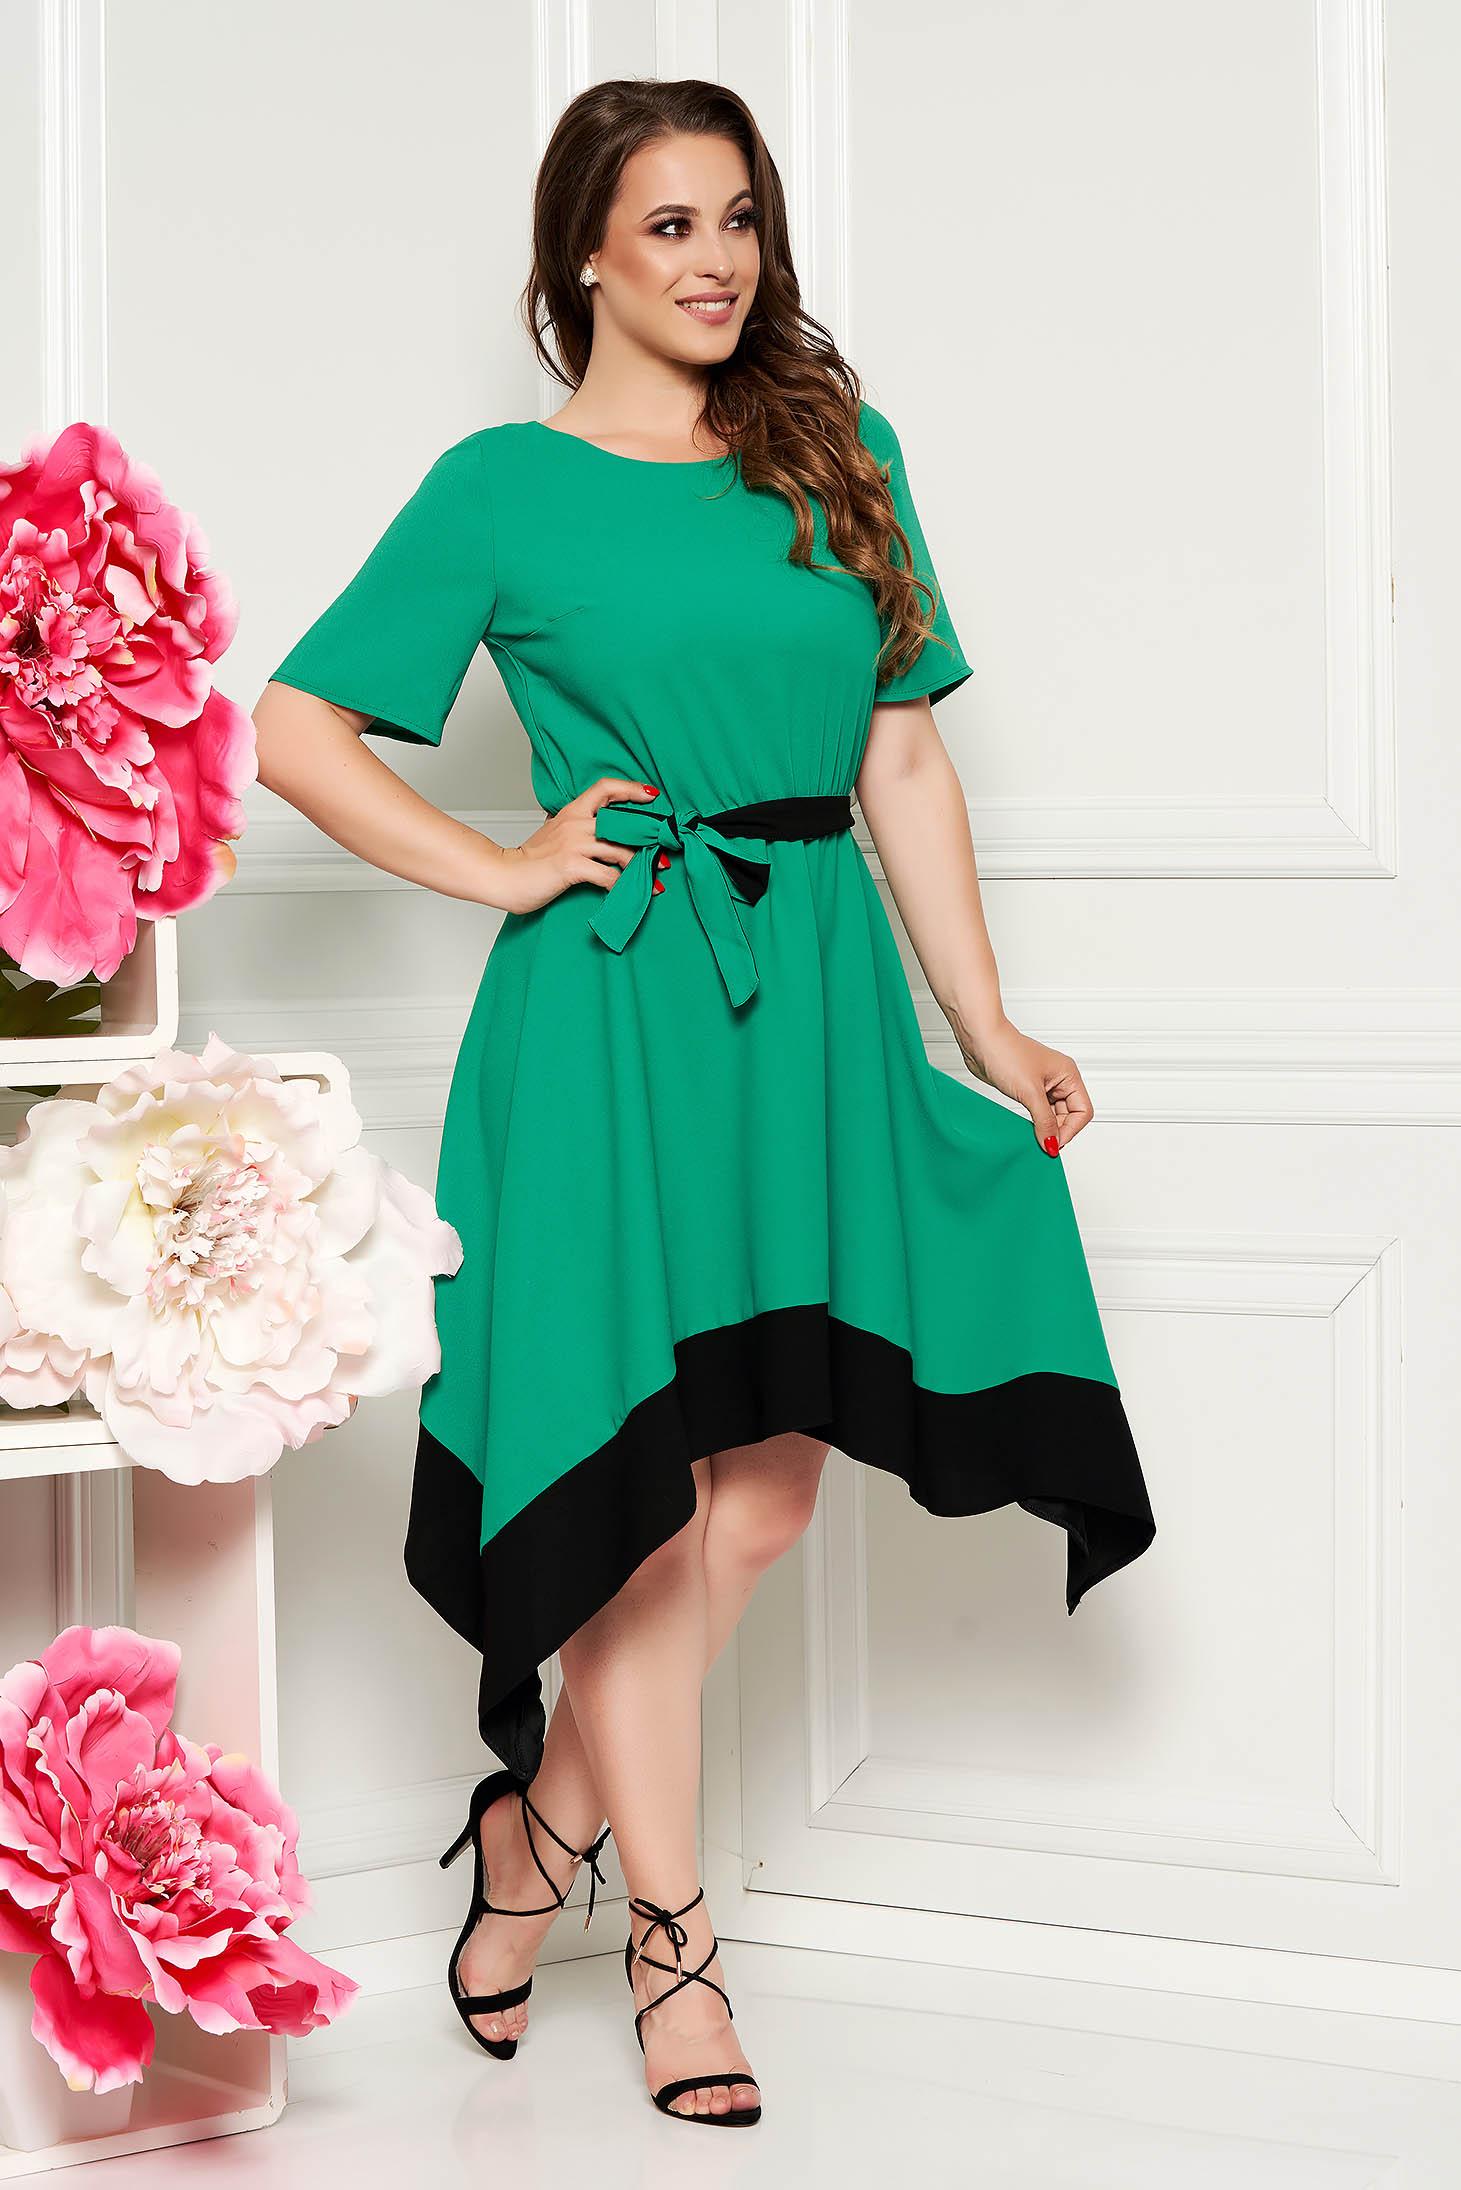 Rochie verde asimetrica in clos cu maneca scurta cu elastic in talie accesorizata cu cordon